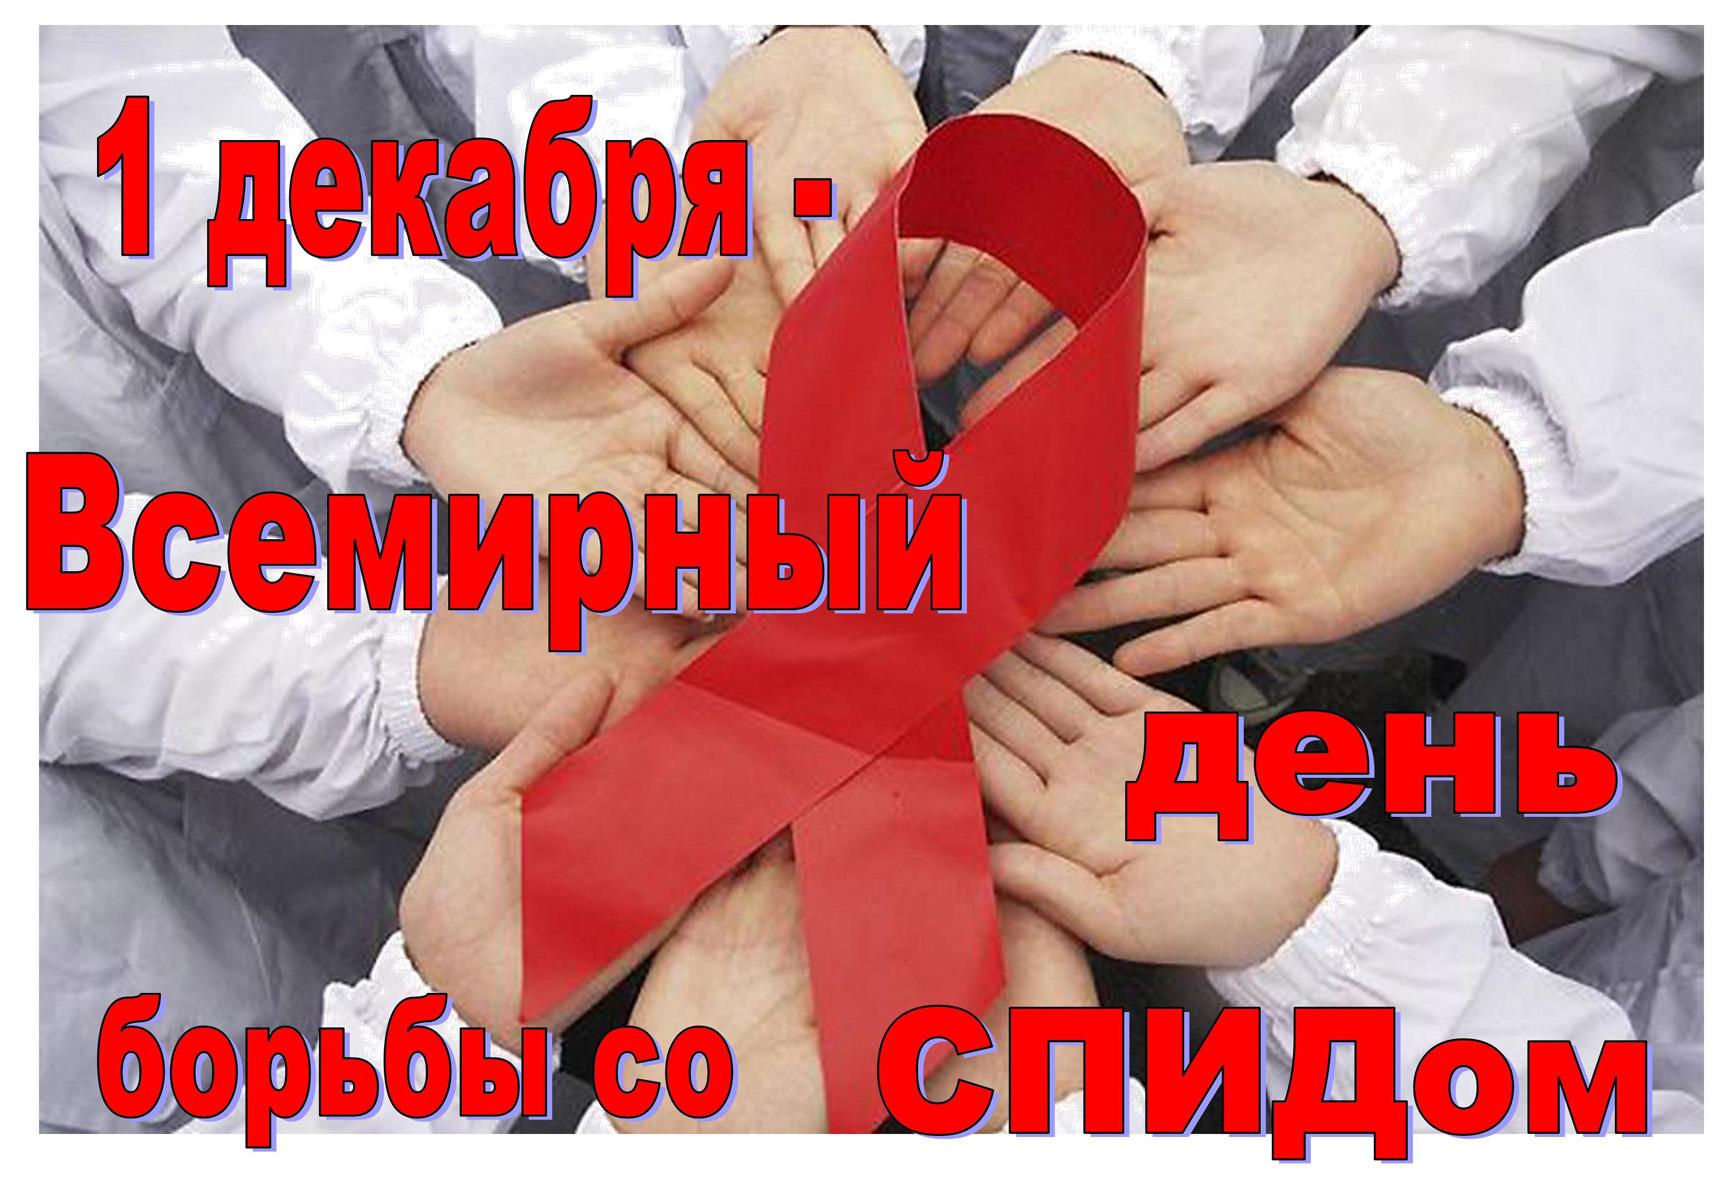 В первый день зимы боремся со СПИДом